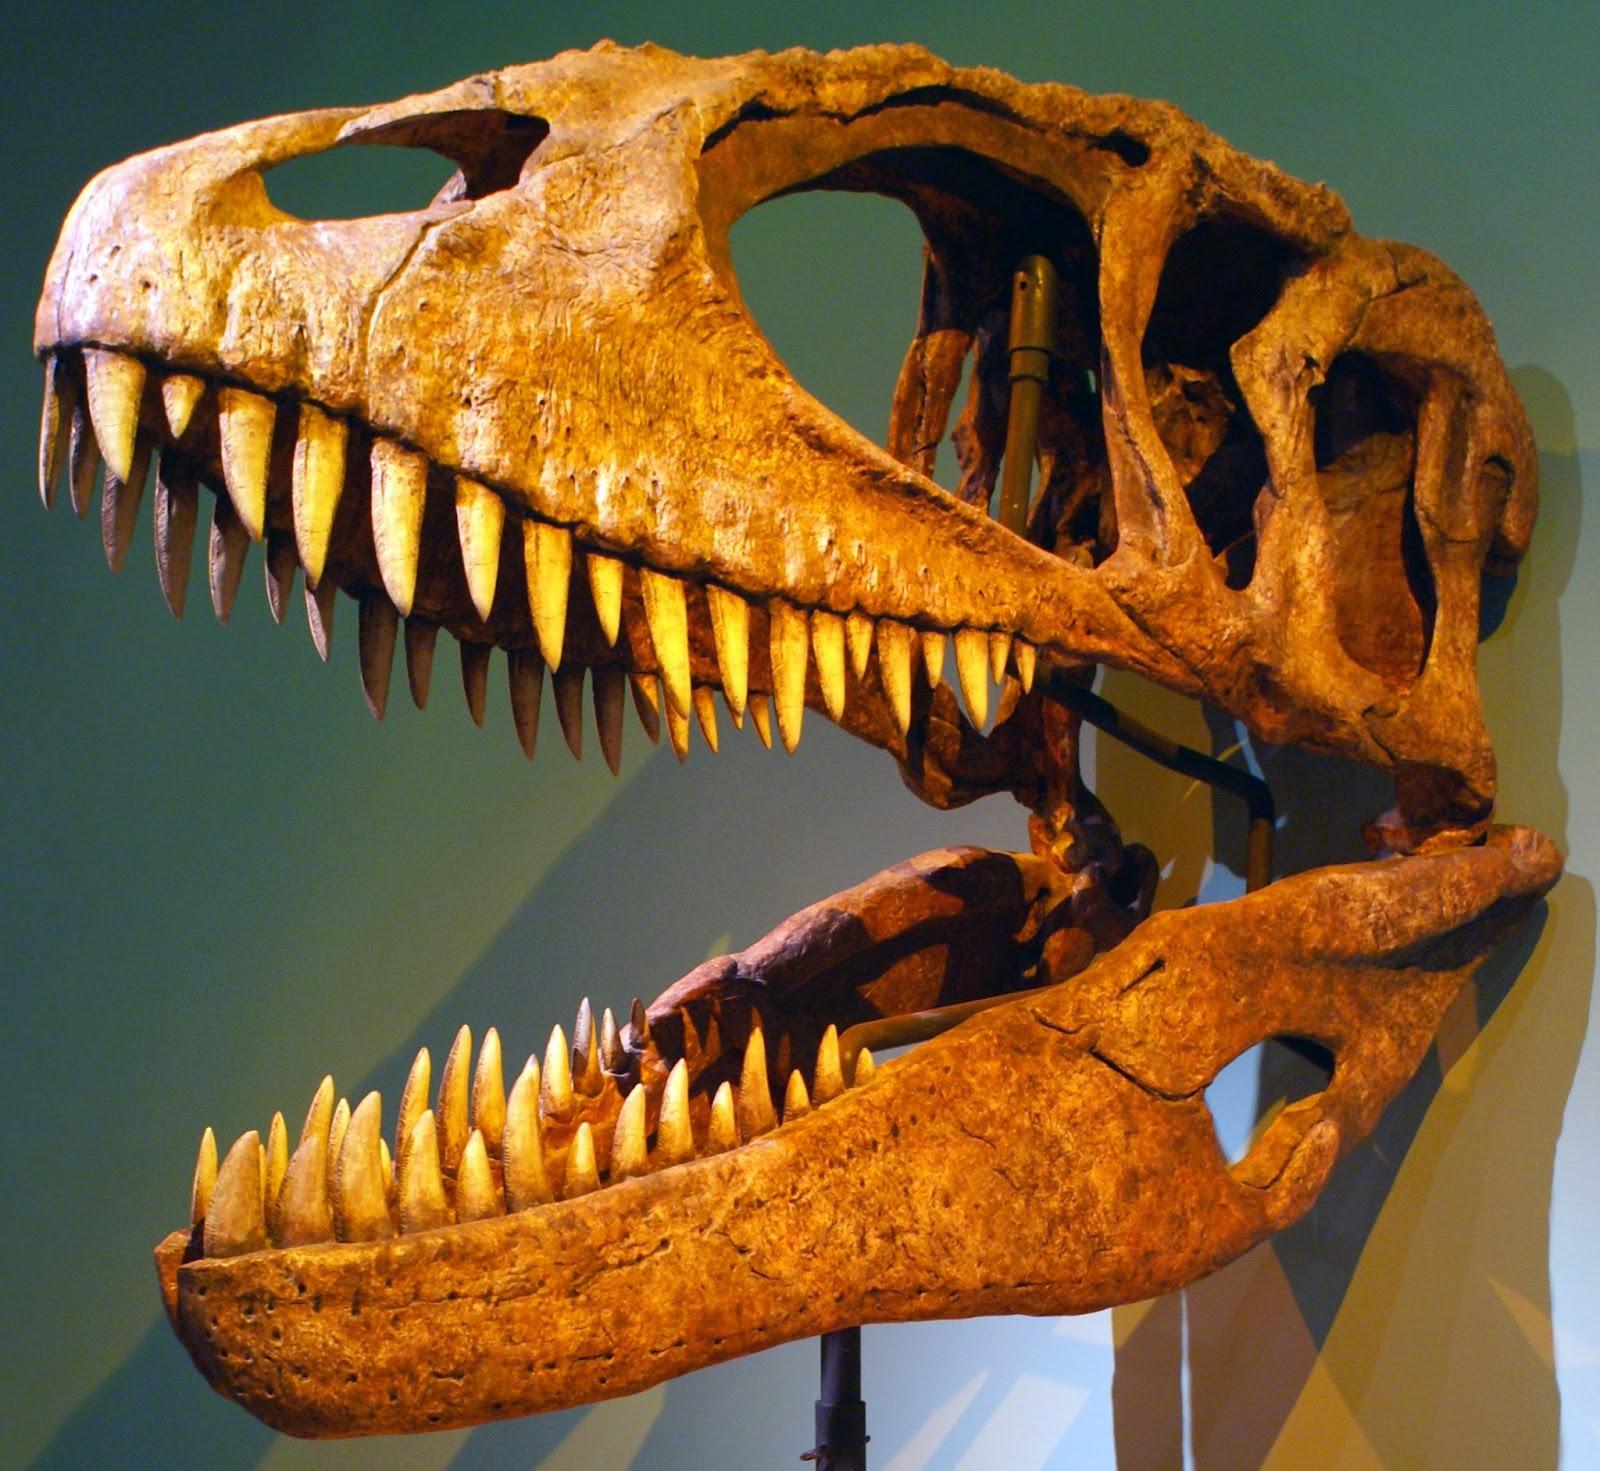 Il Carcharodontosaurus visse in Nordafrica tra 102 e 94 milioni